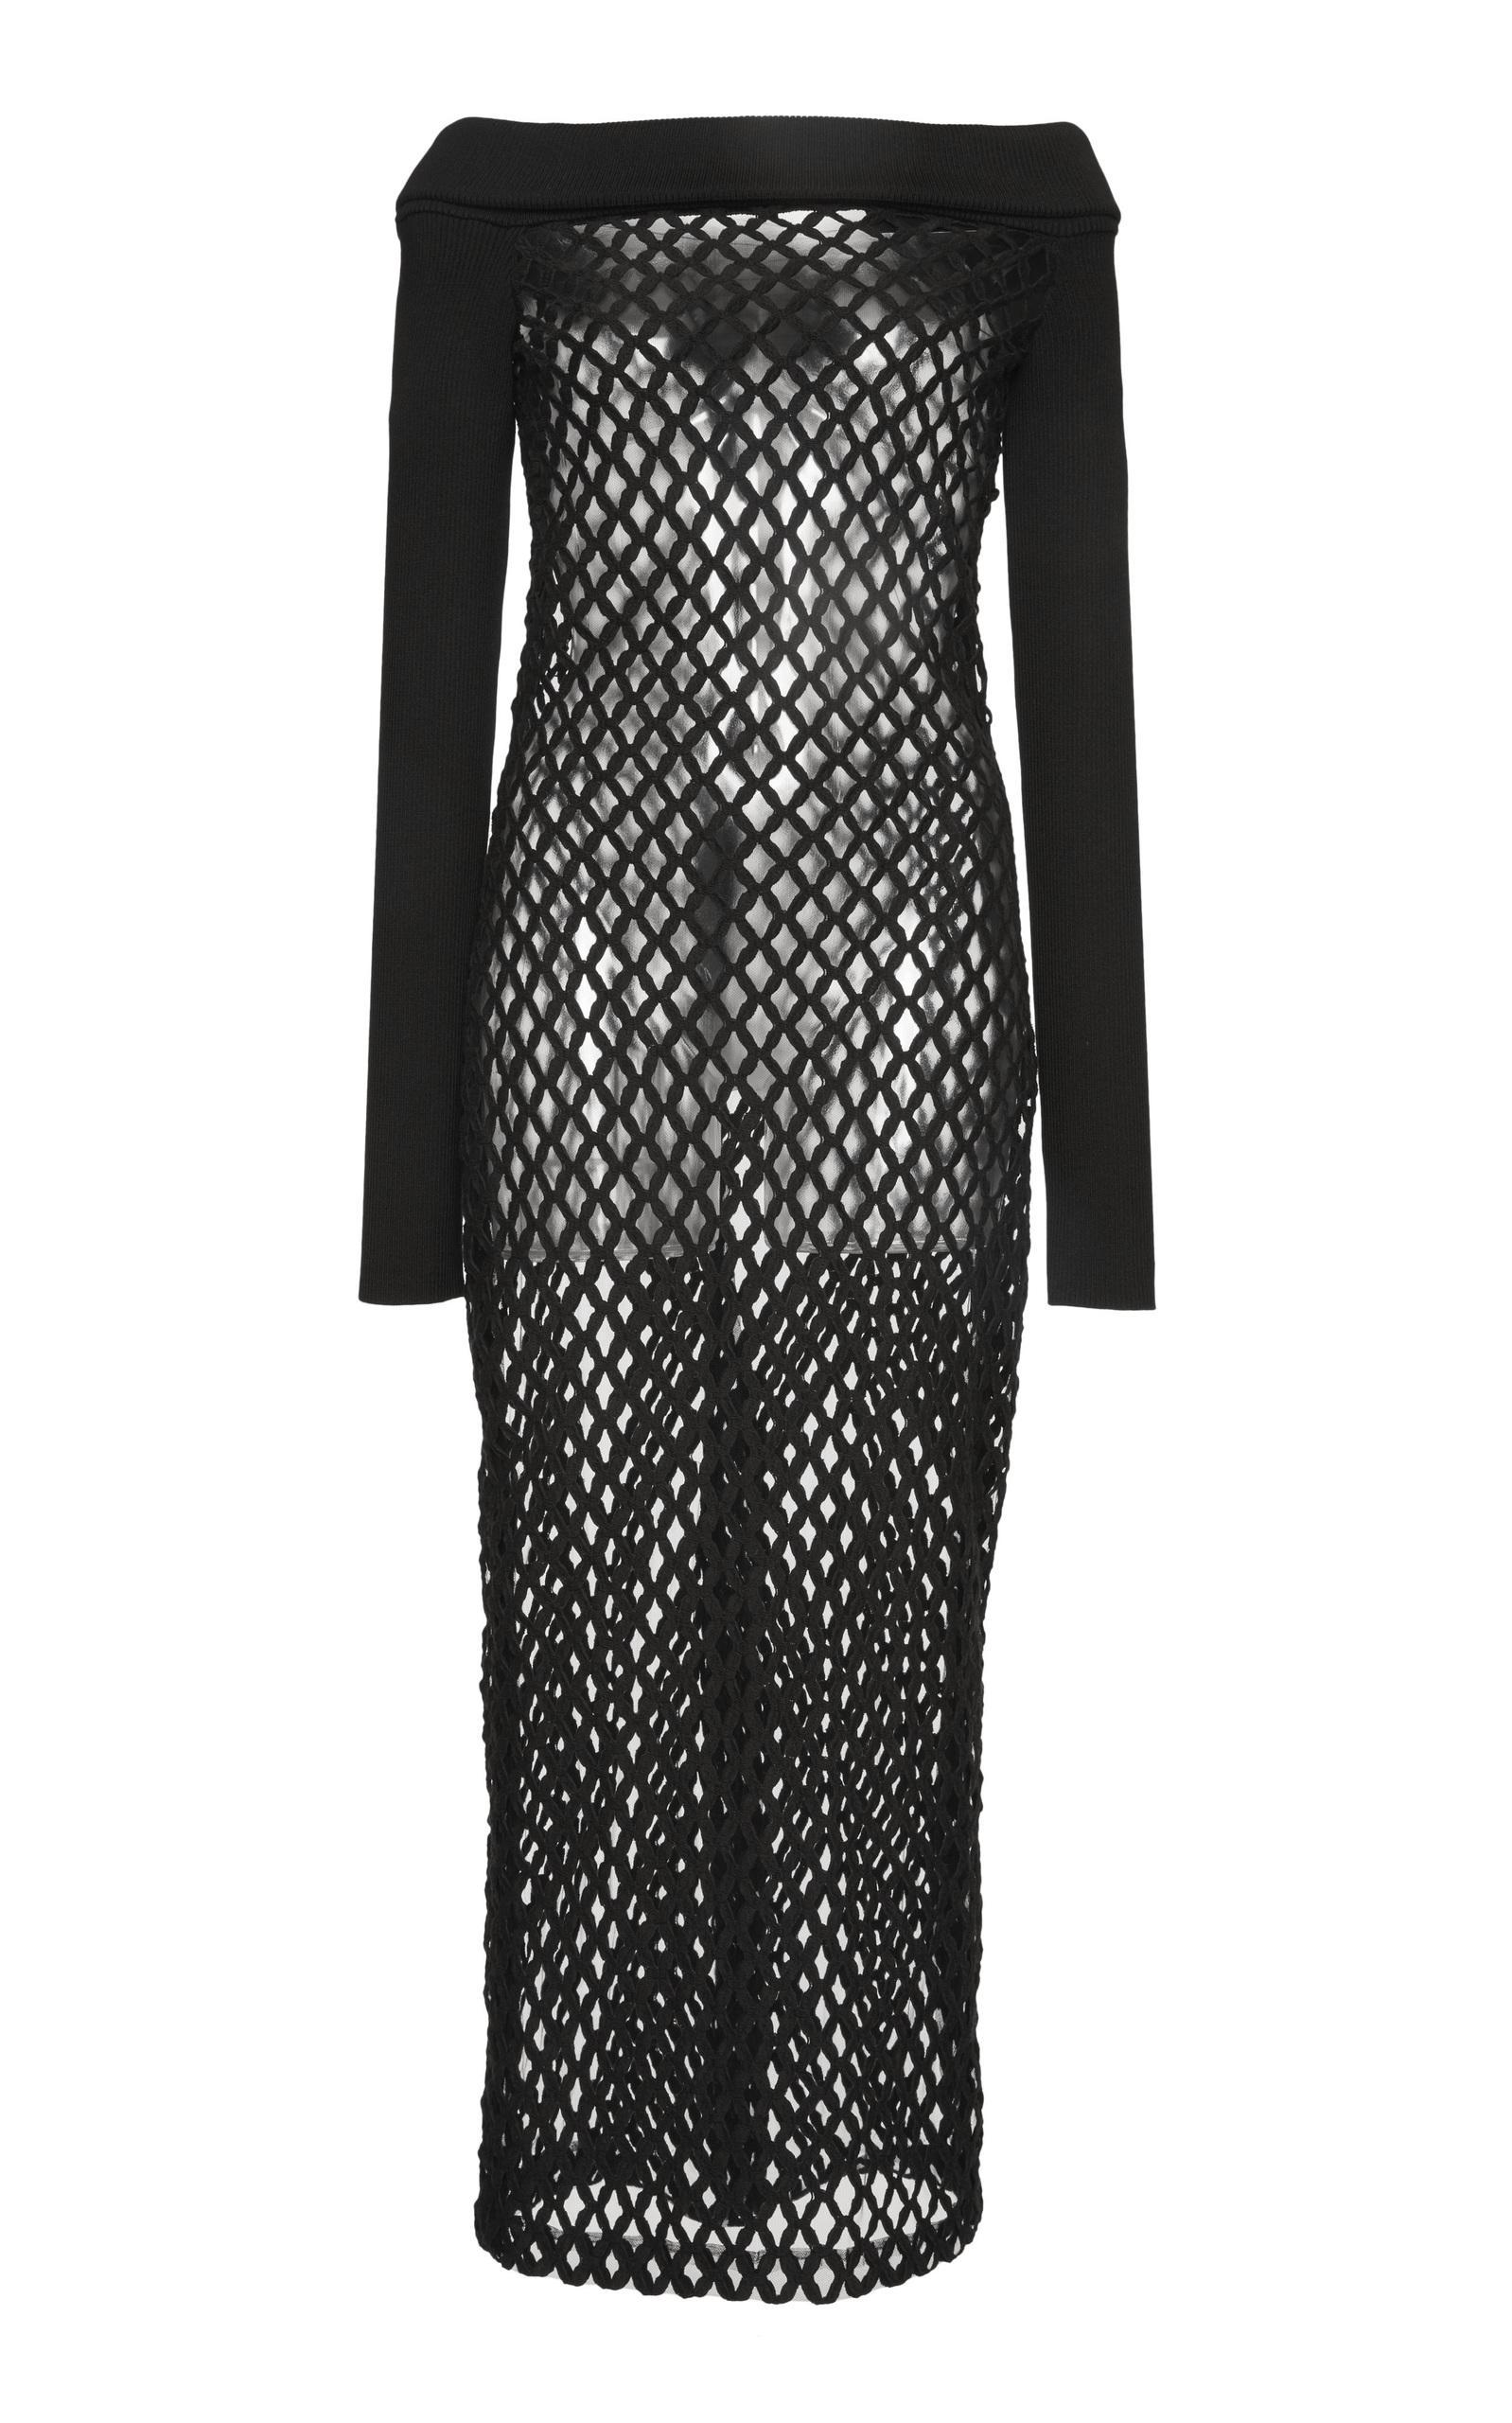 Dolce & Gabbana Off The Shoulder Knit Dress In Black